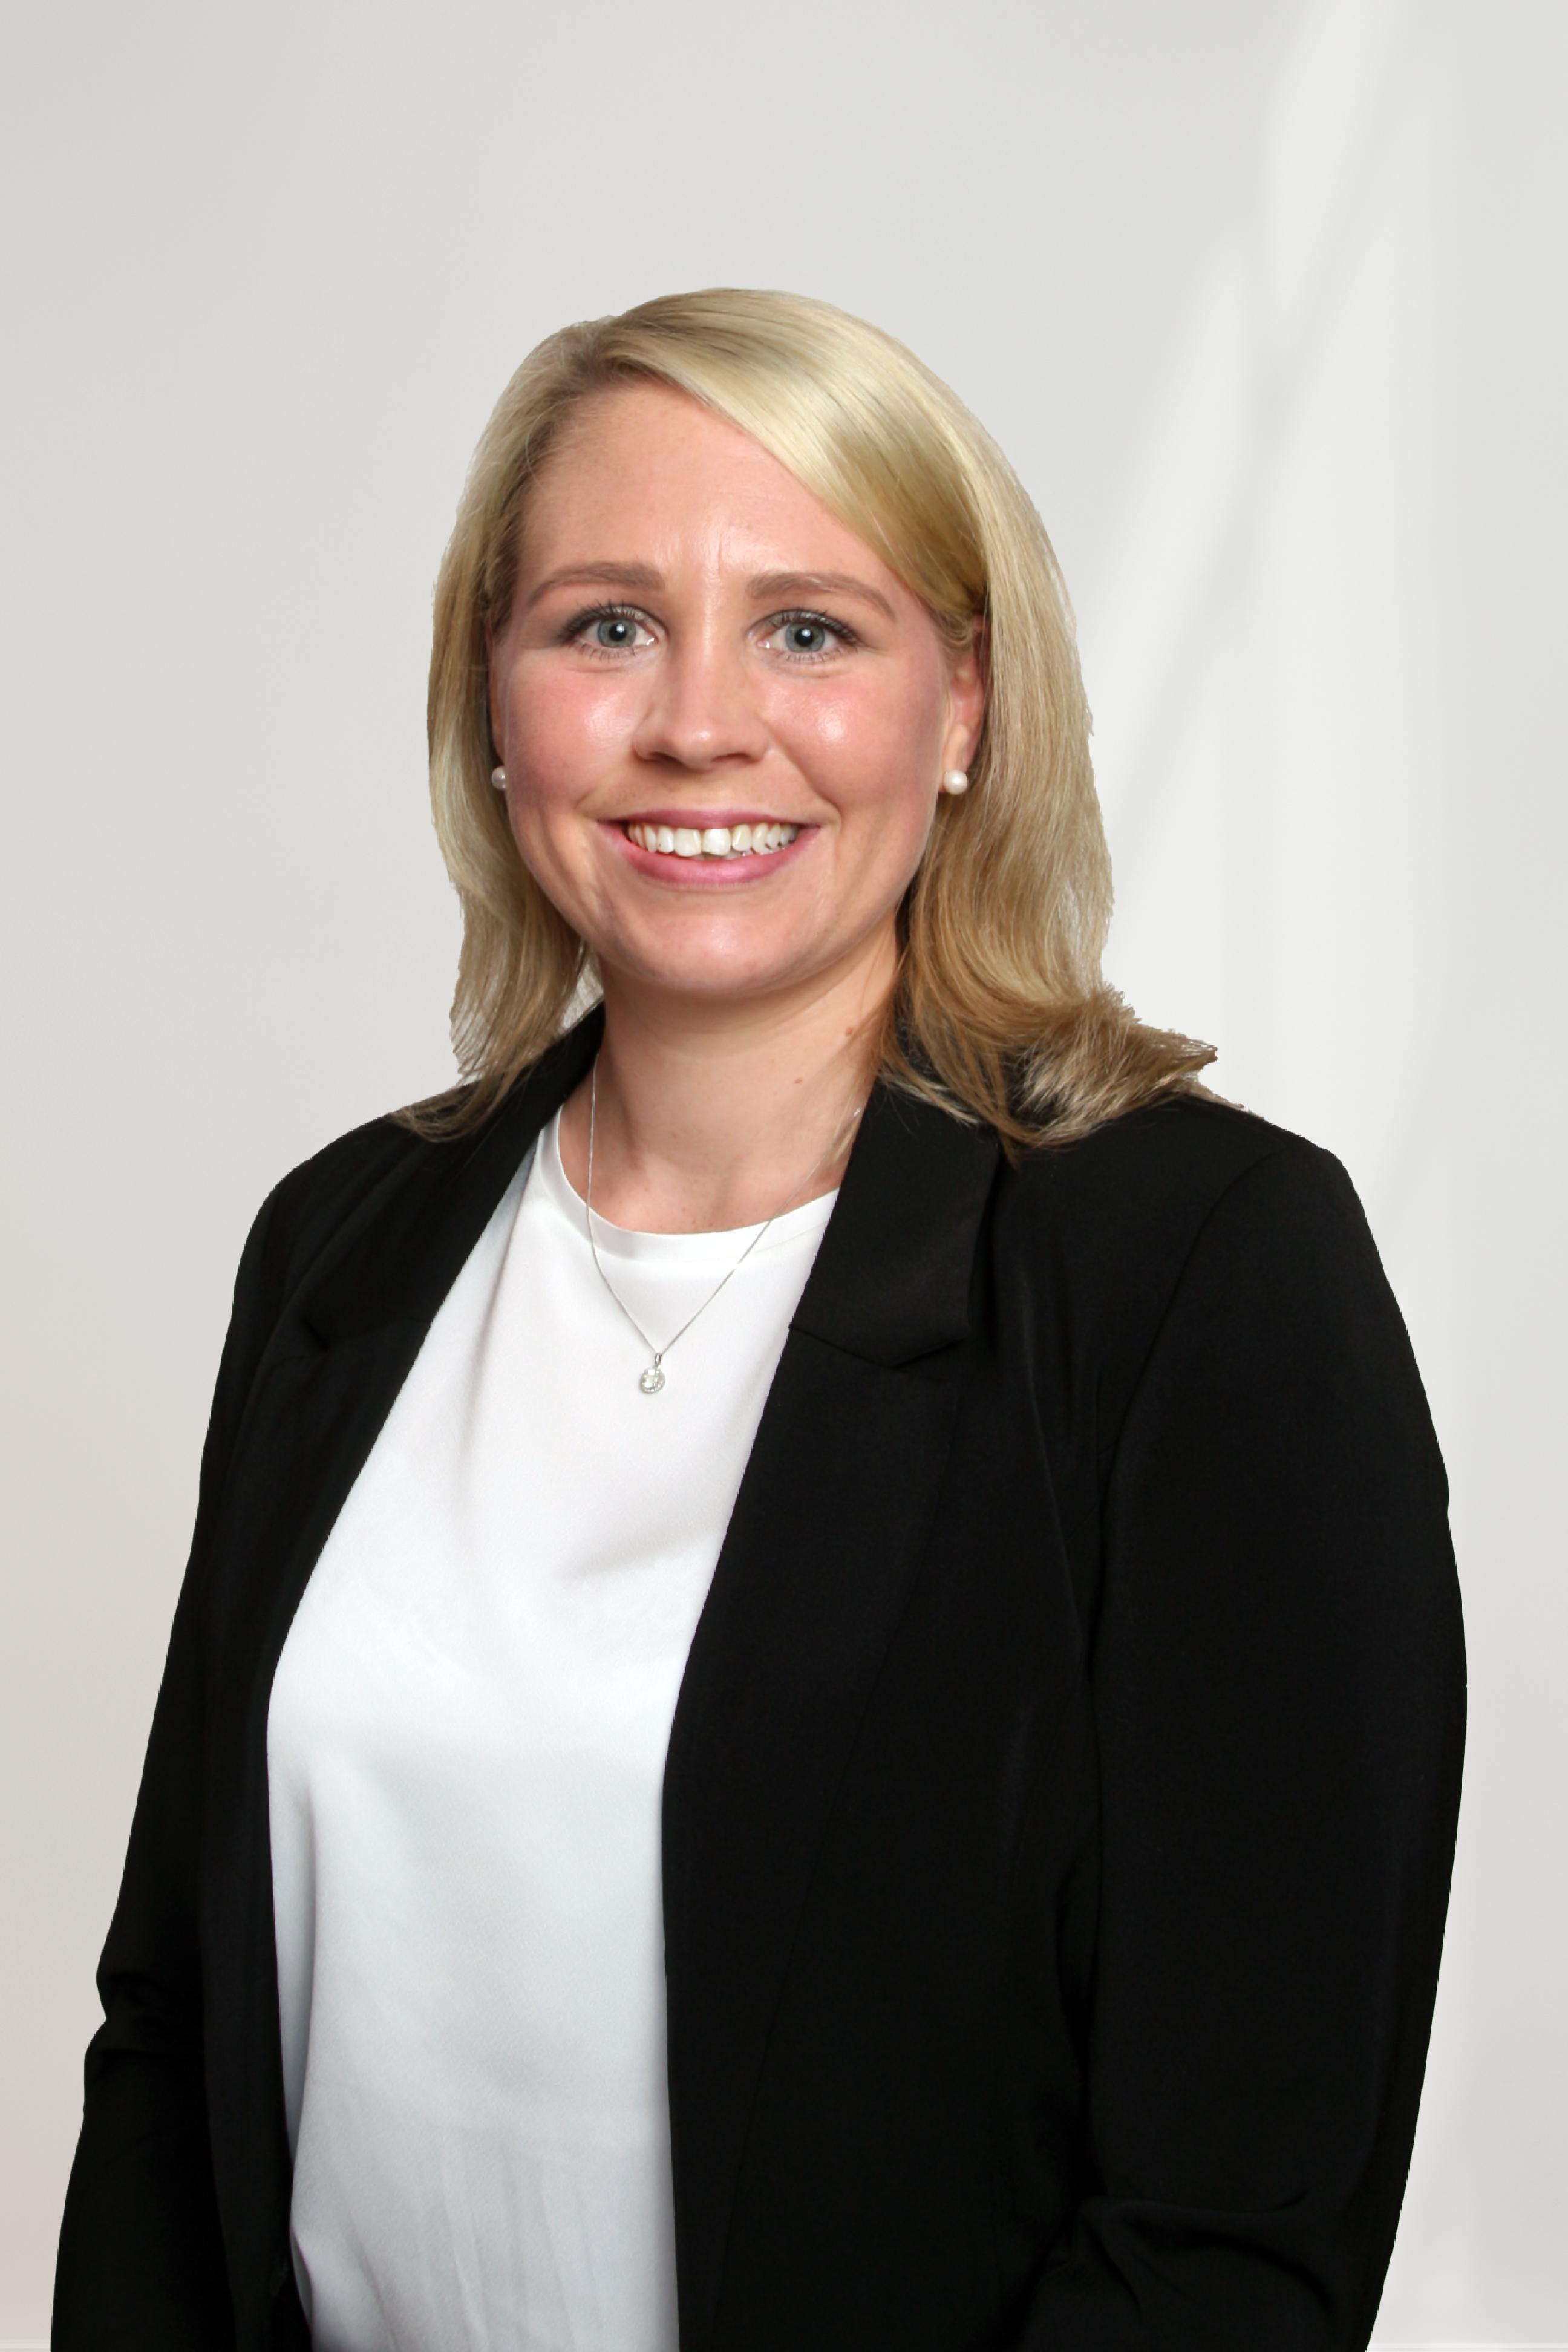 LauraKehrer